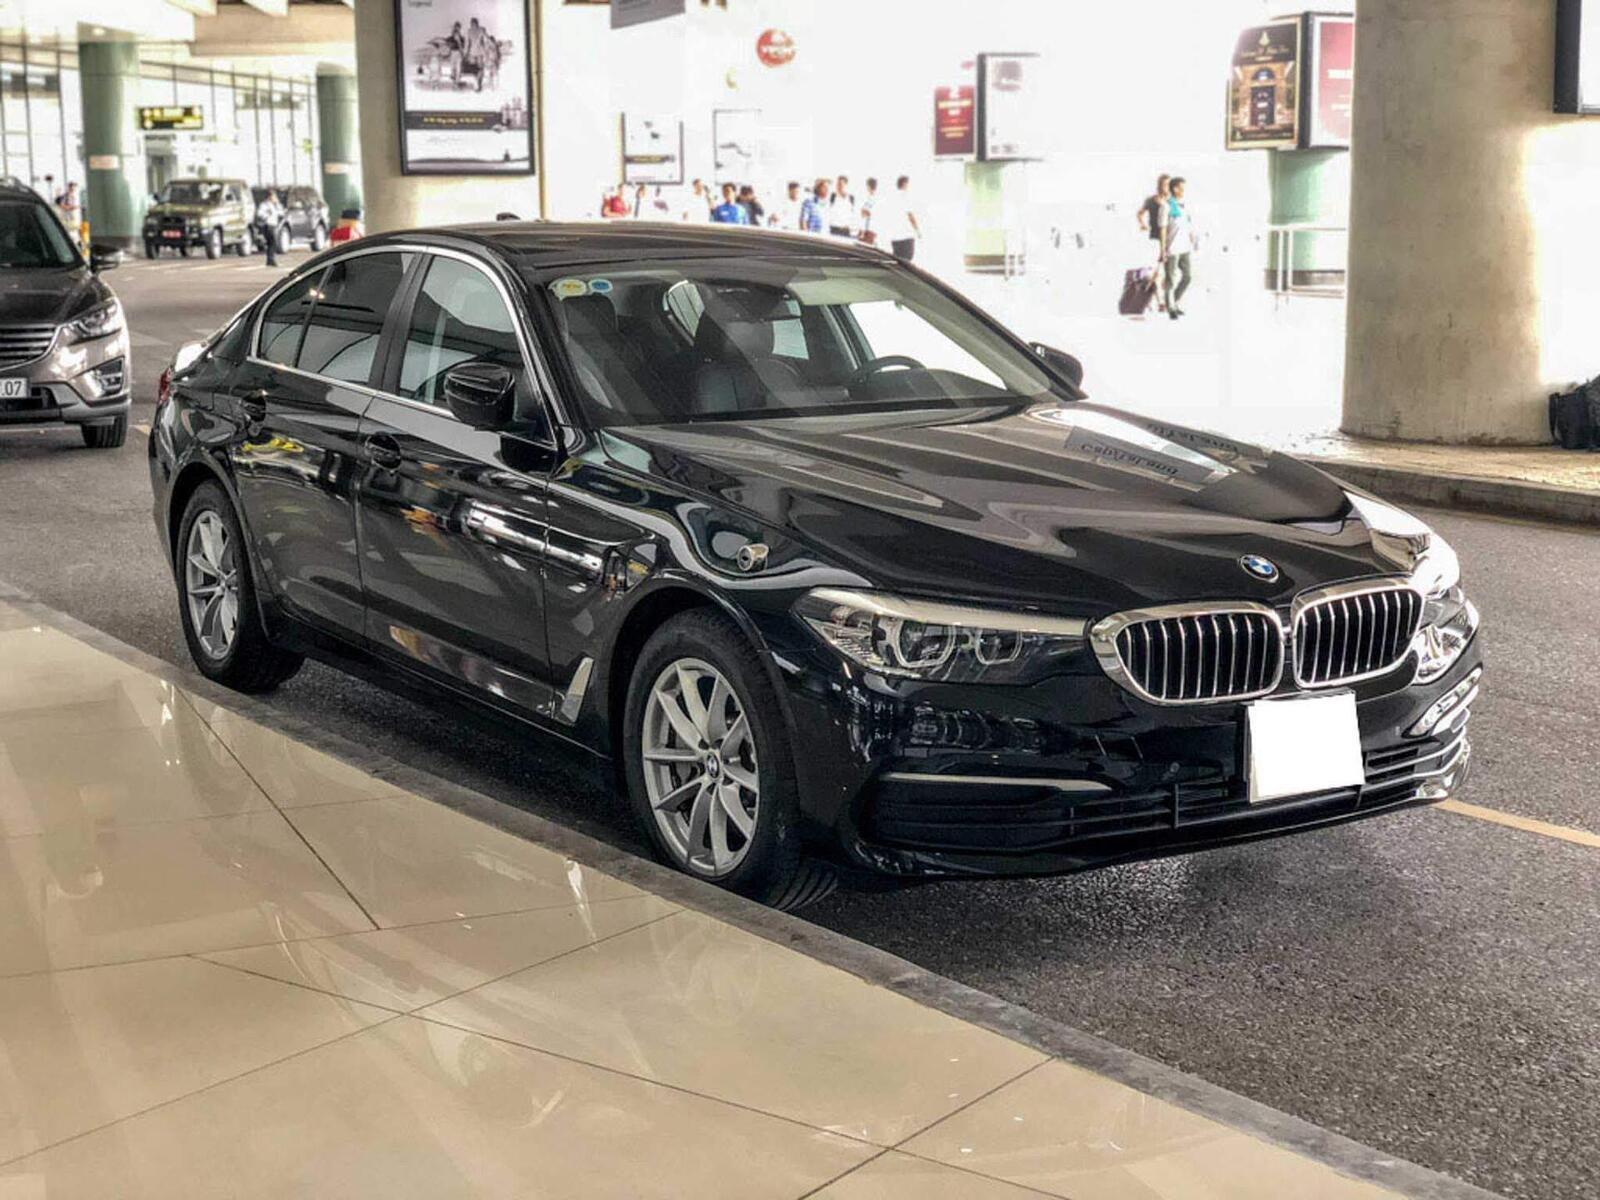 BMW 5 Series thế hệ hoàn toàn mới xuất hiện tại Hà Nội - Hình 1